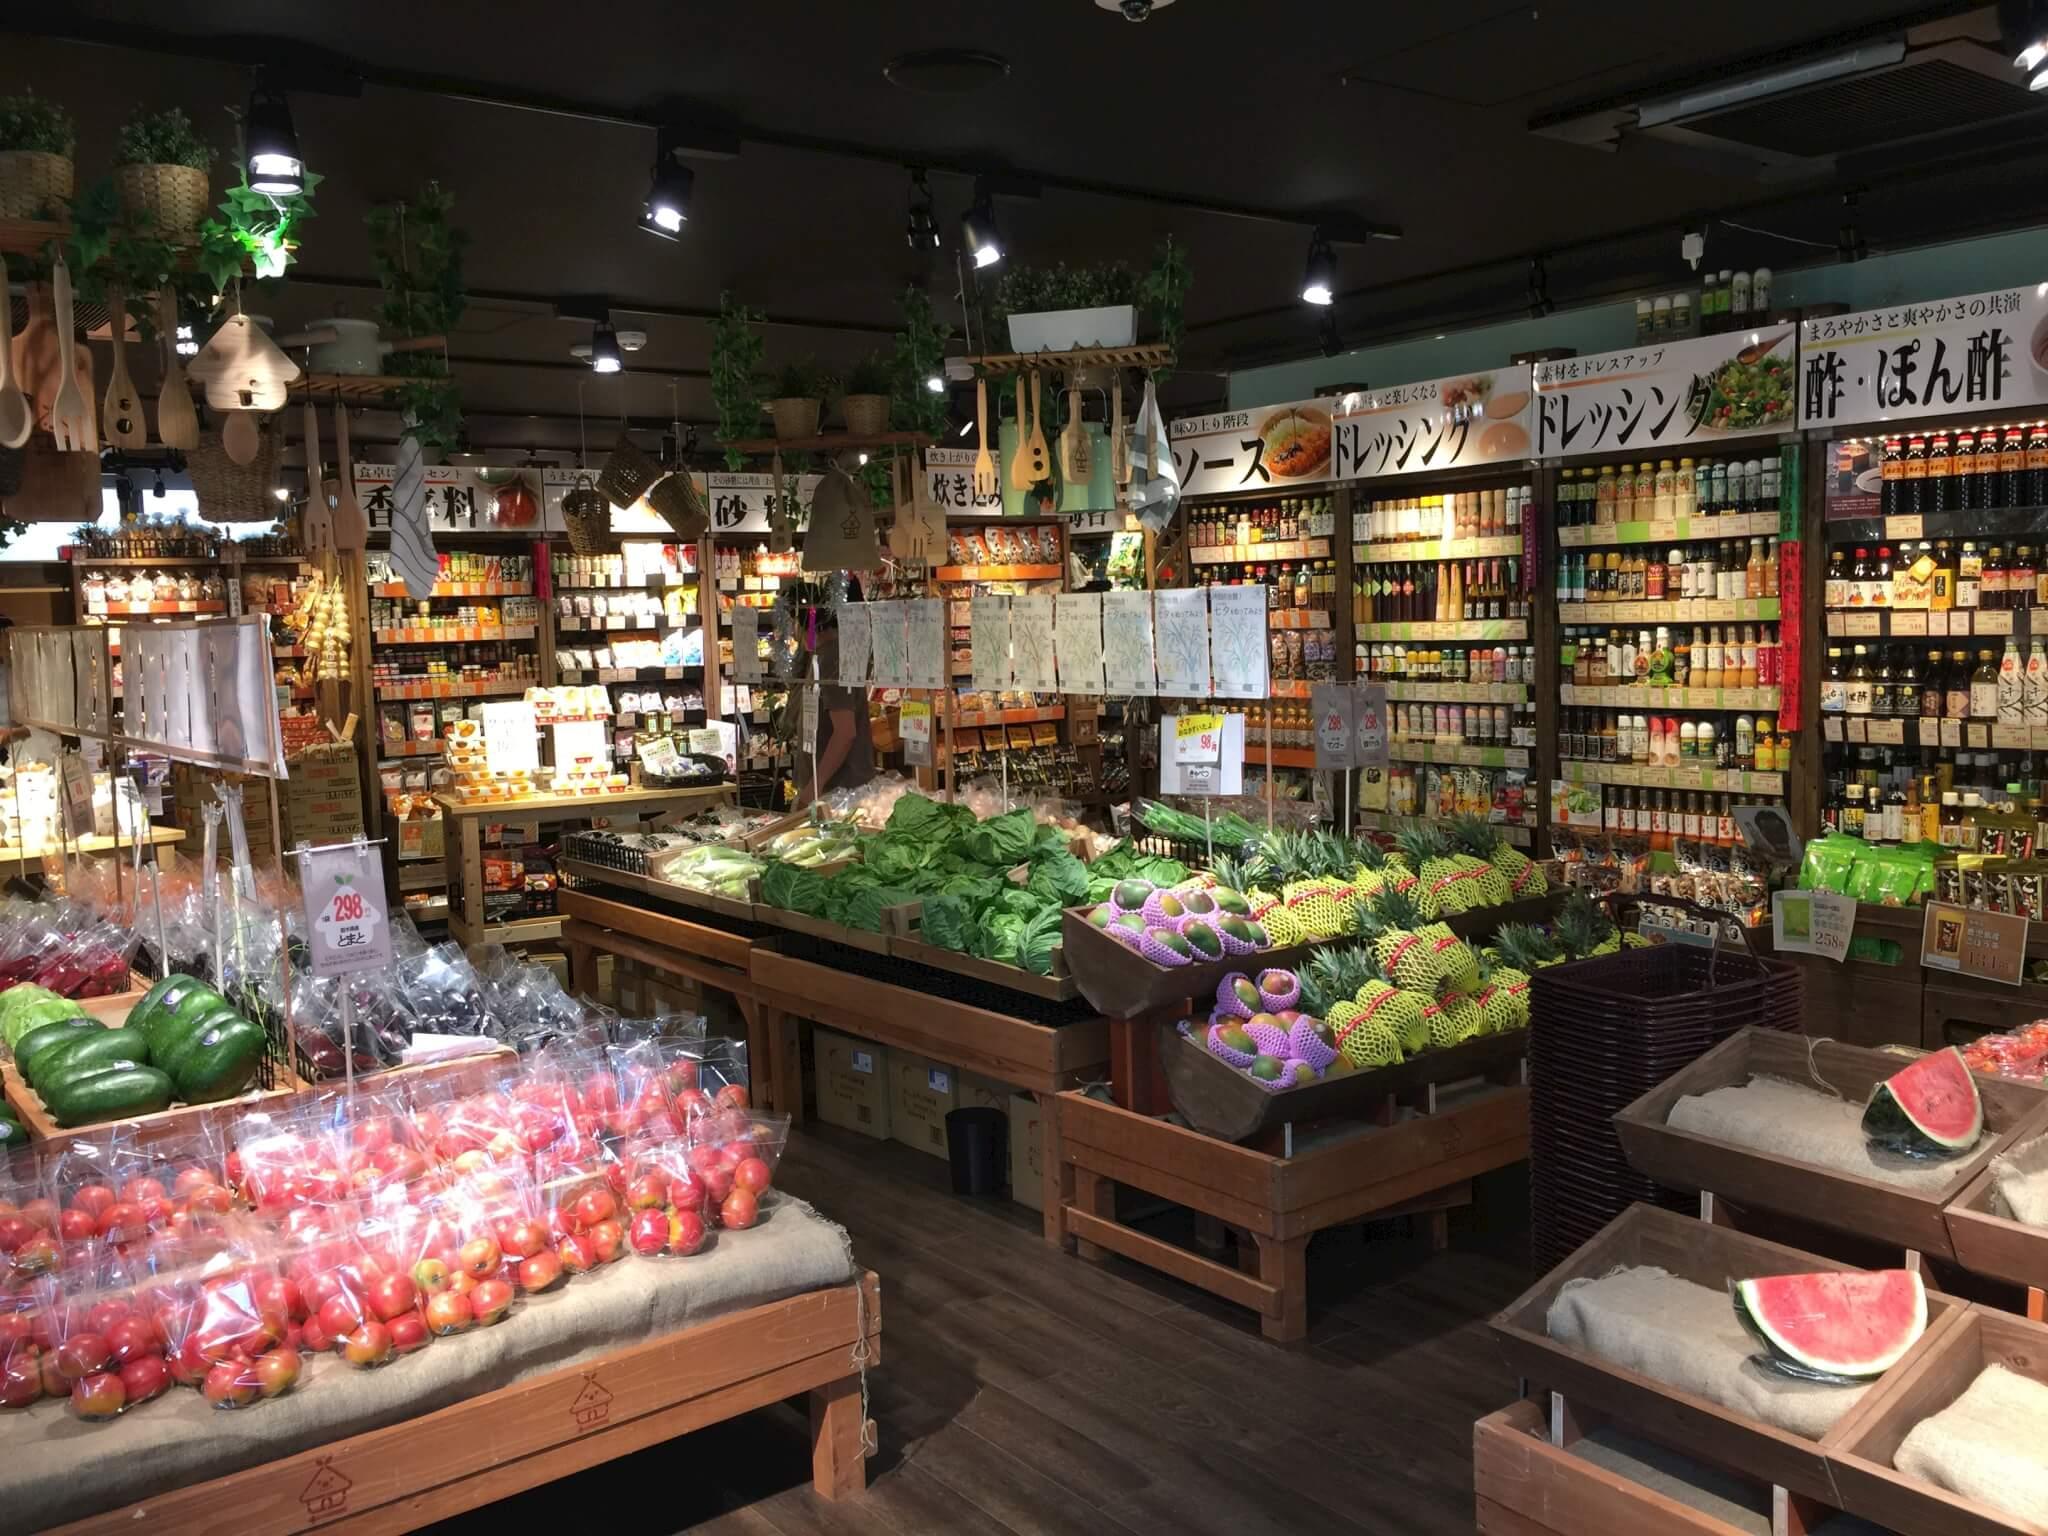 スーパーUna casita(おなかすいた)店内写真